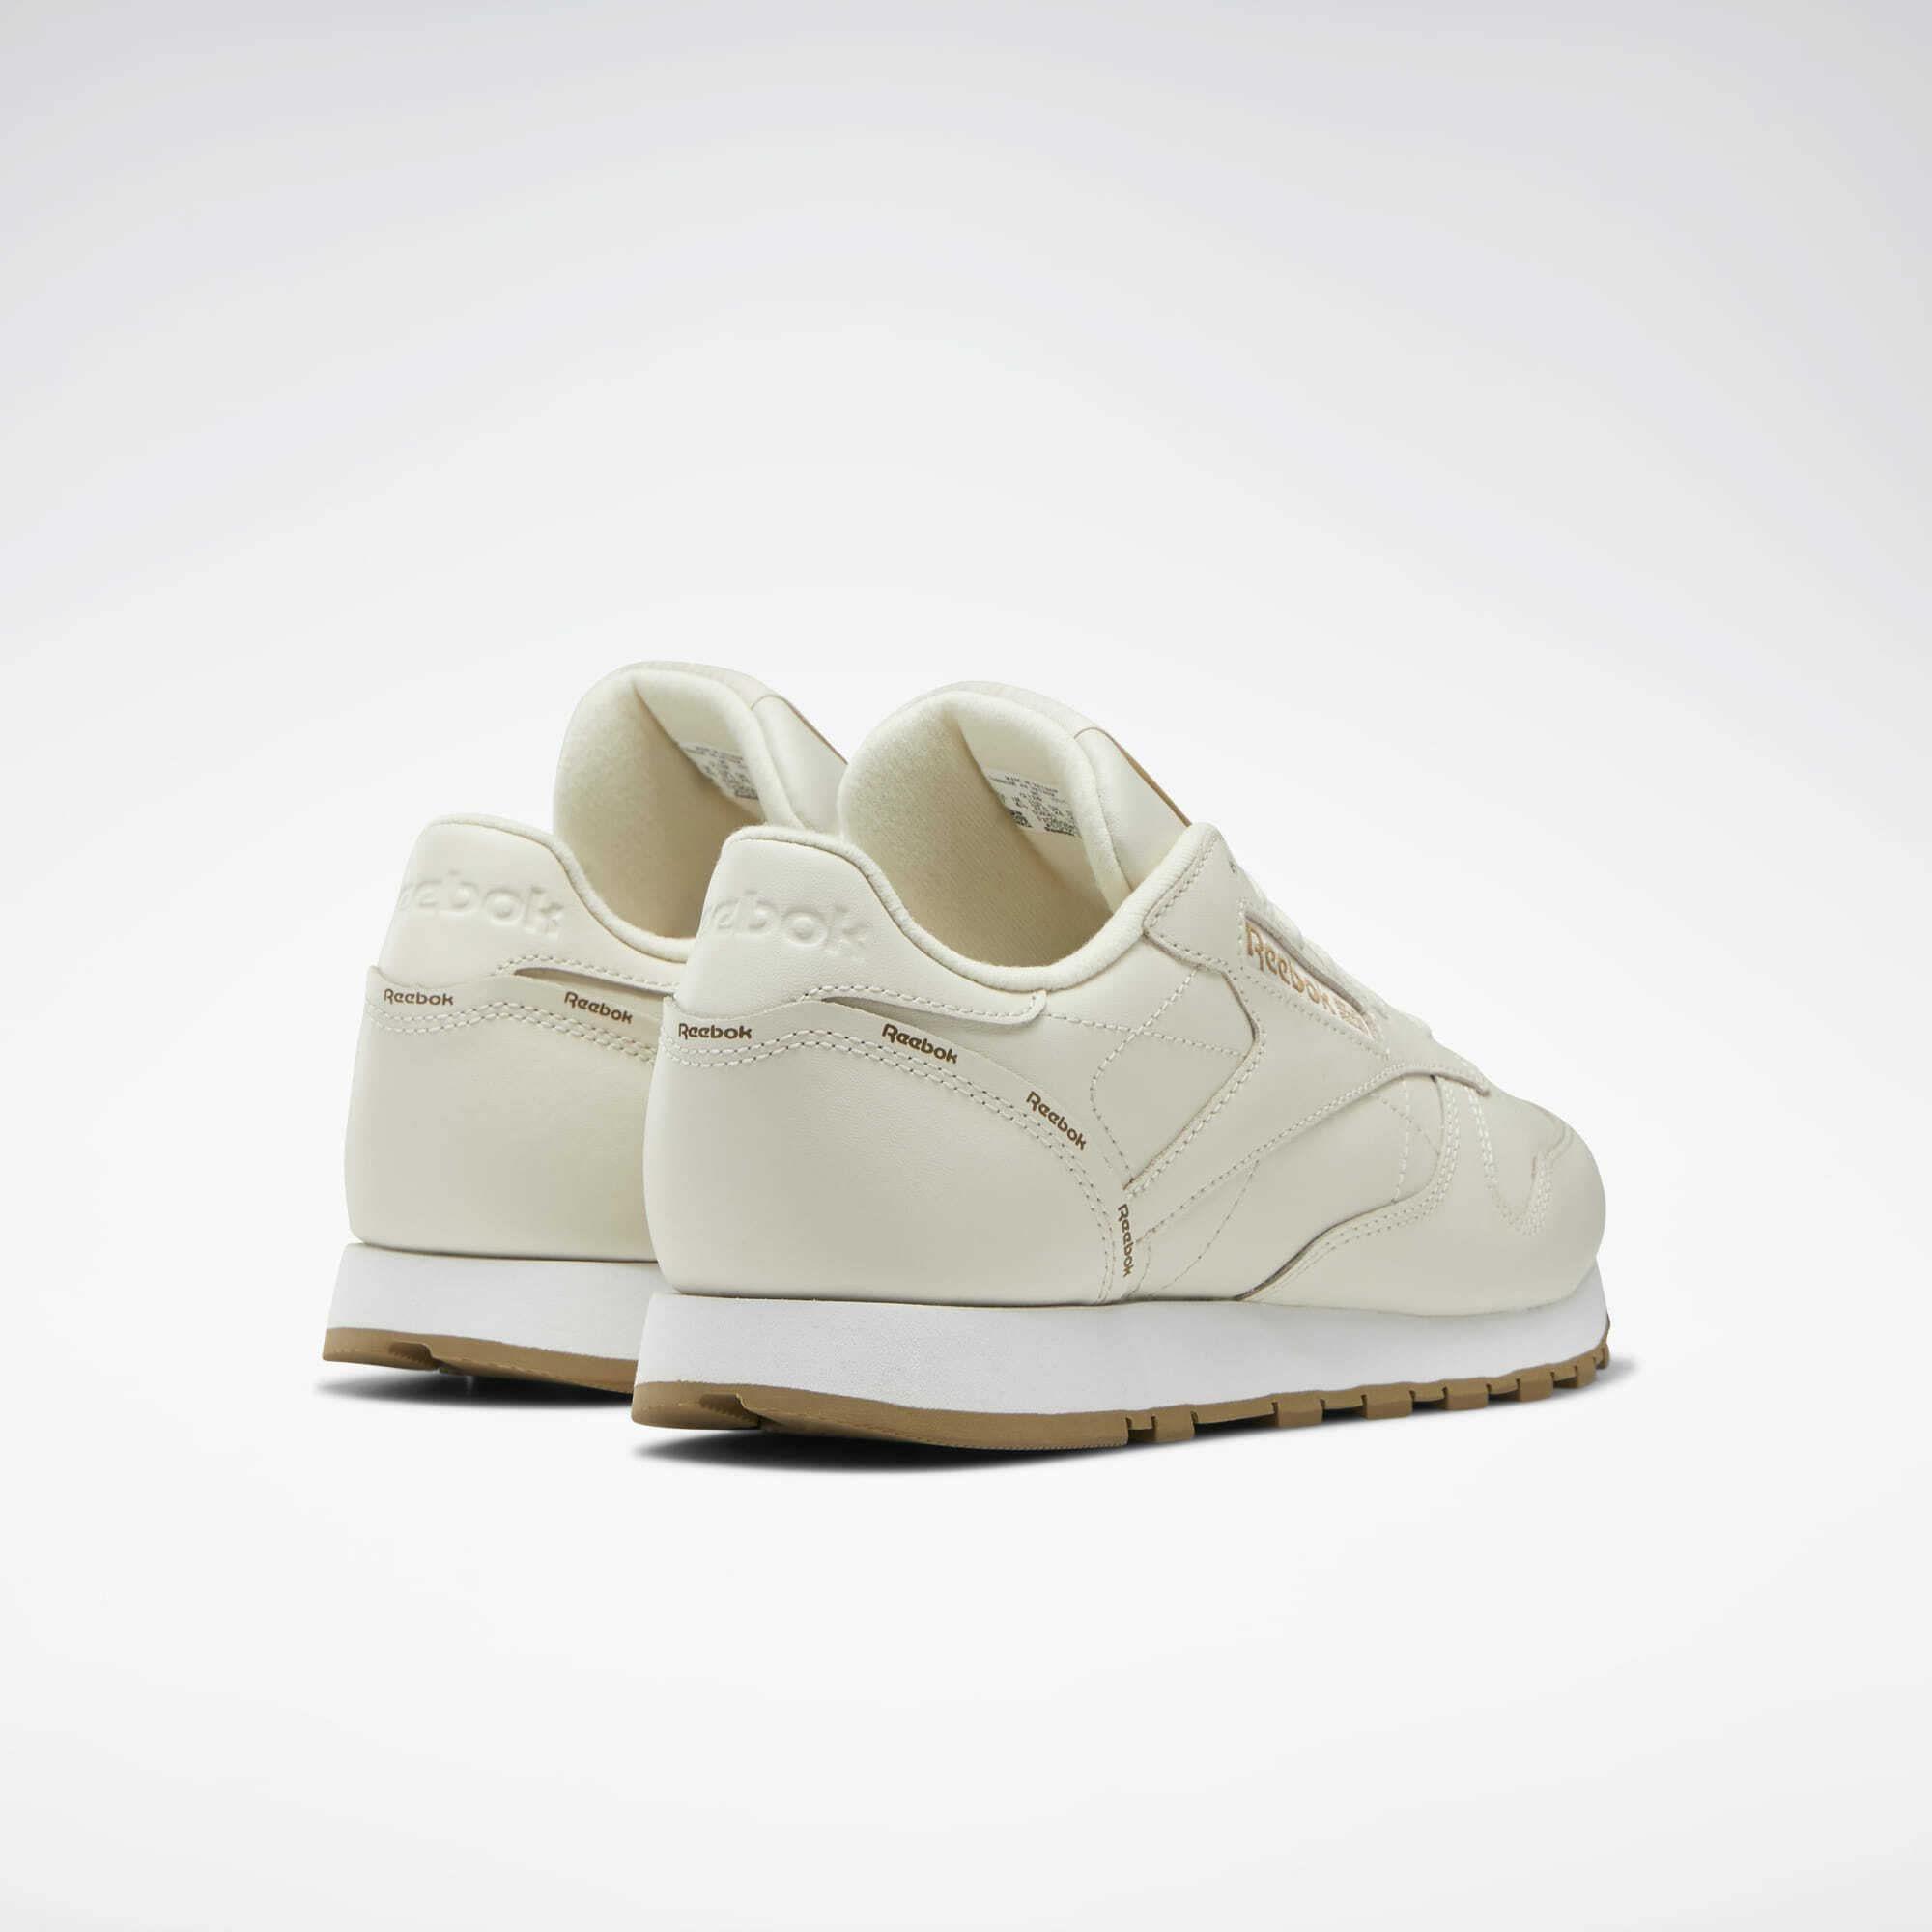 Reebok Classic Sneaker Classic Leather Shoes Damen Weiss Grosse 35 5 Reebok Schuhe Frauen Sneaker